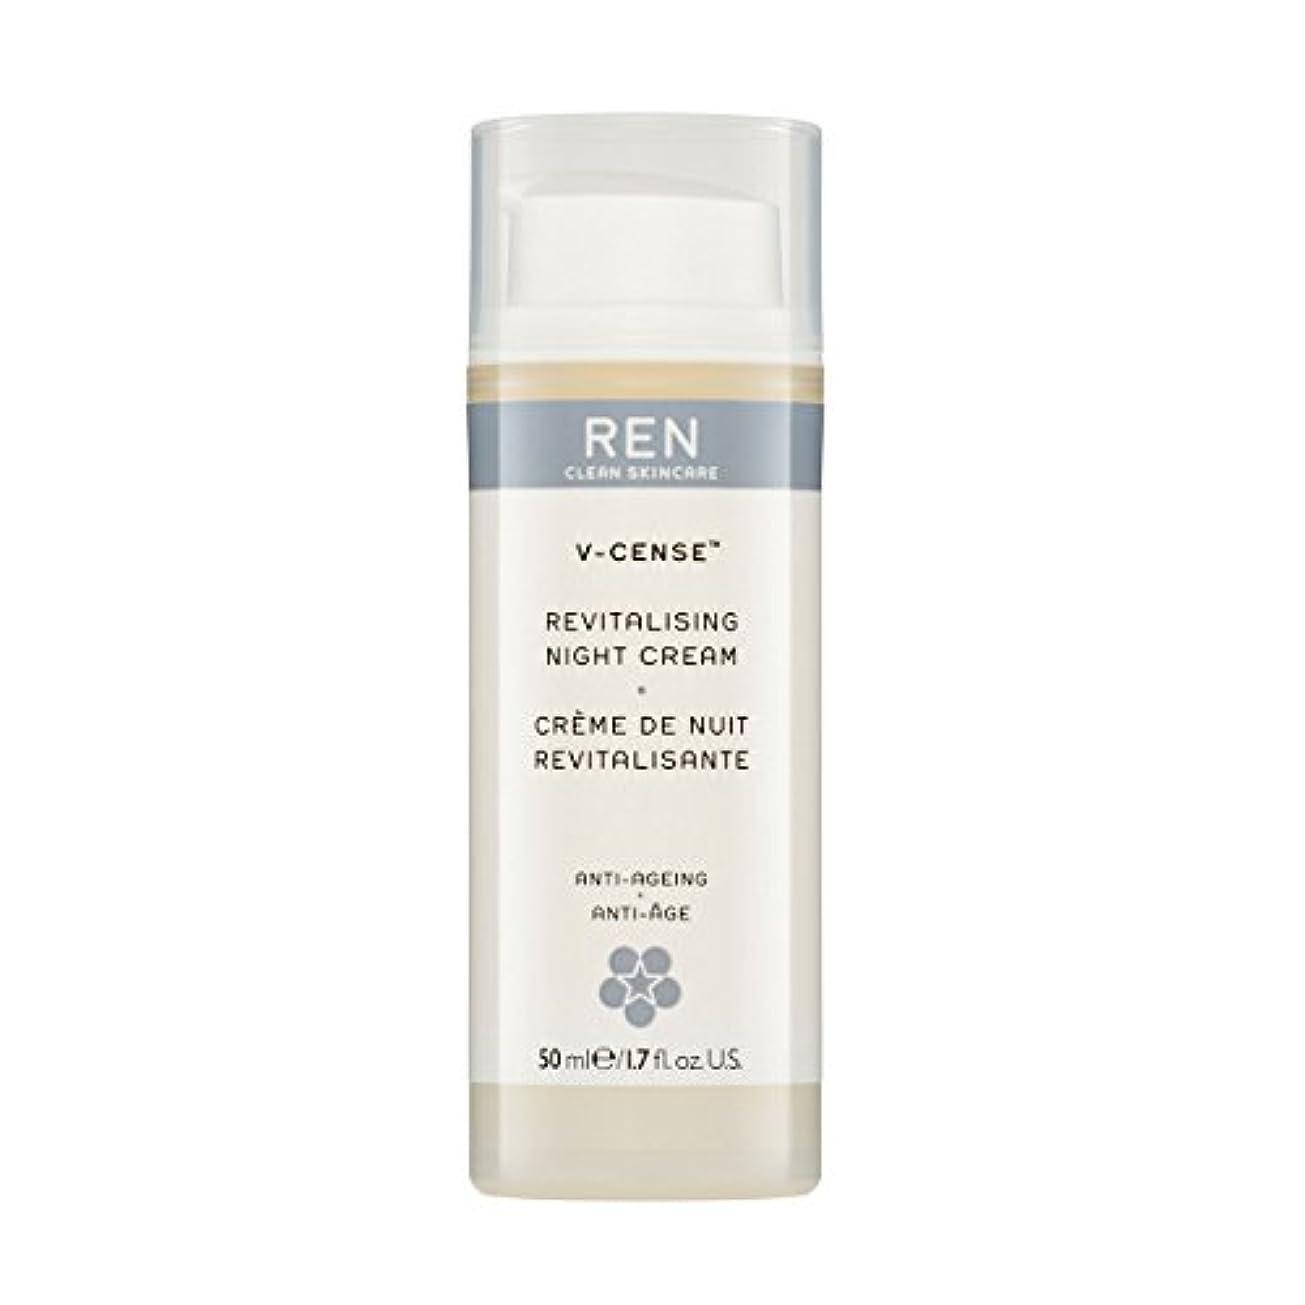 ブロックするむしろ受信機Ren V-Cense Revitalising Night Cream (並行輸入品) [並行輸入品]